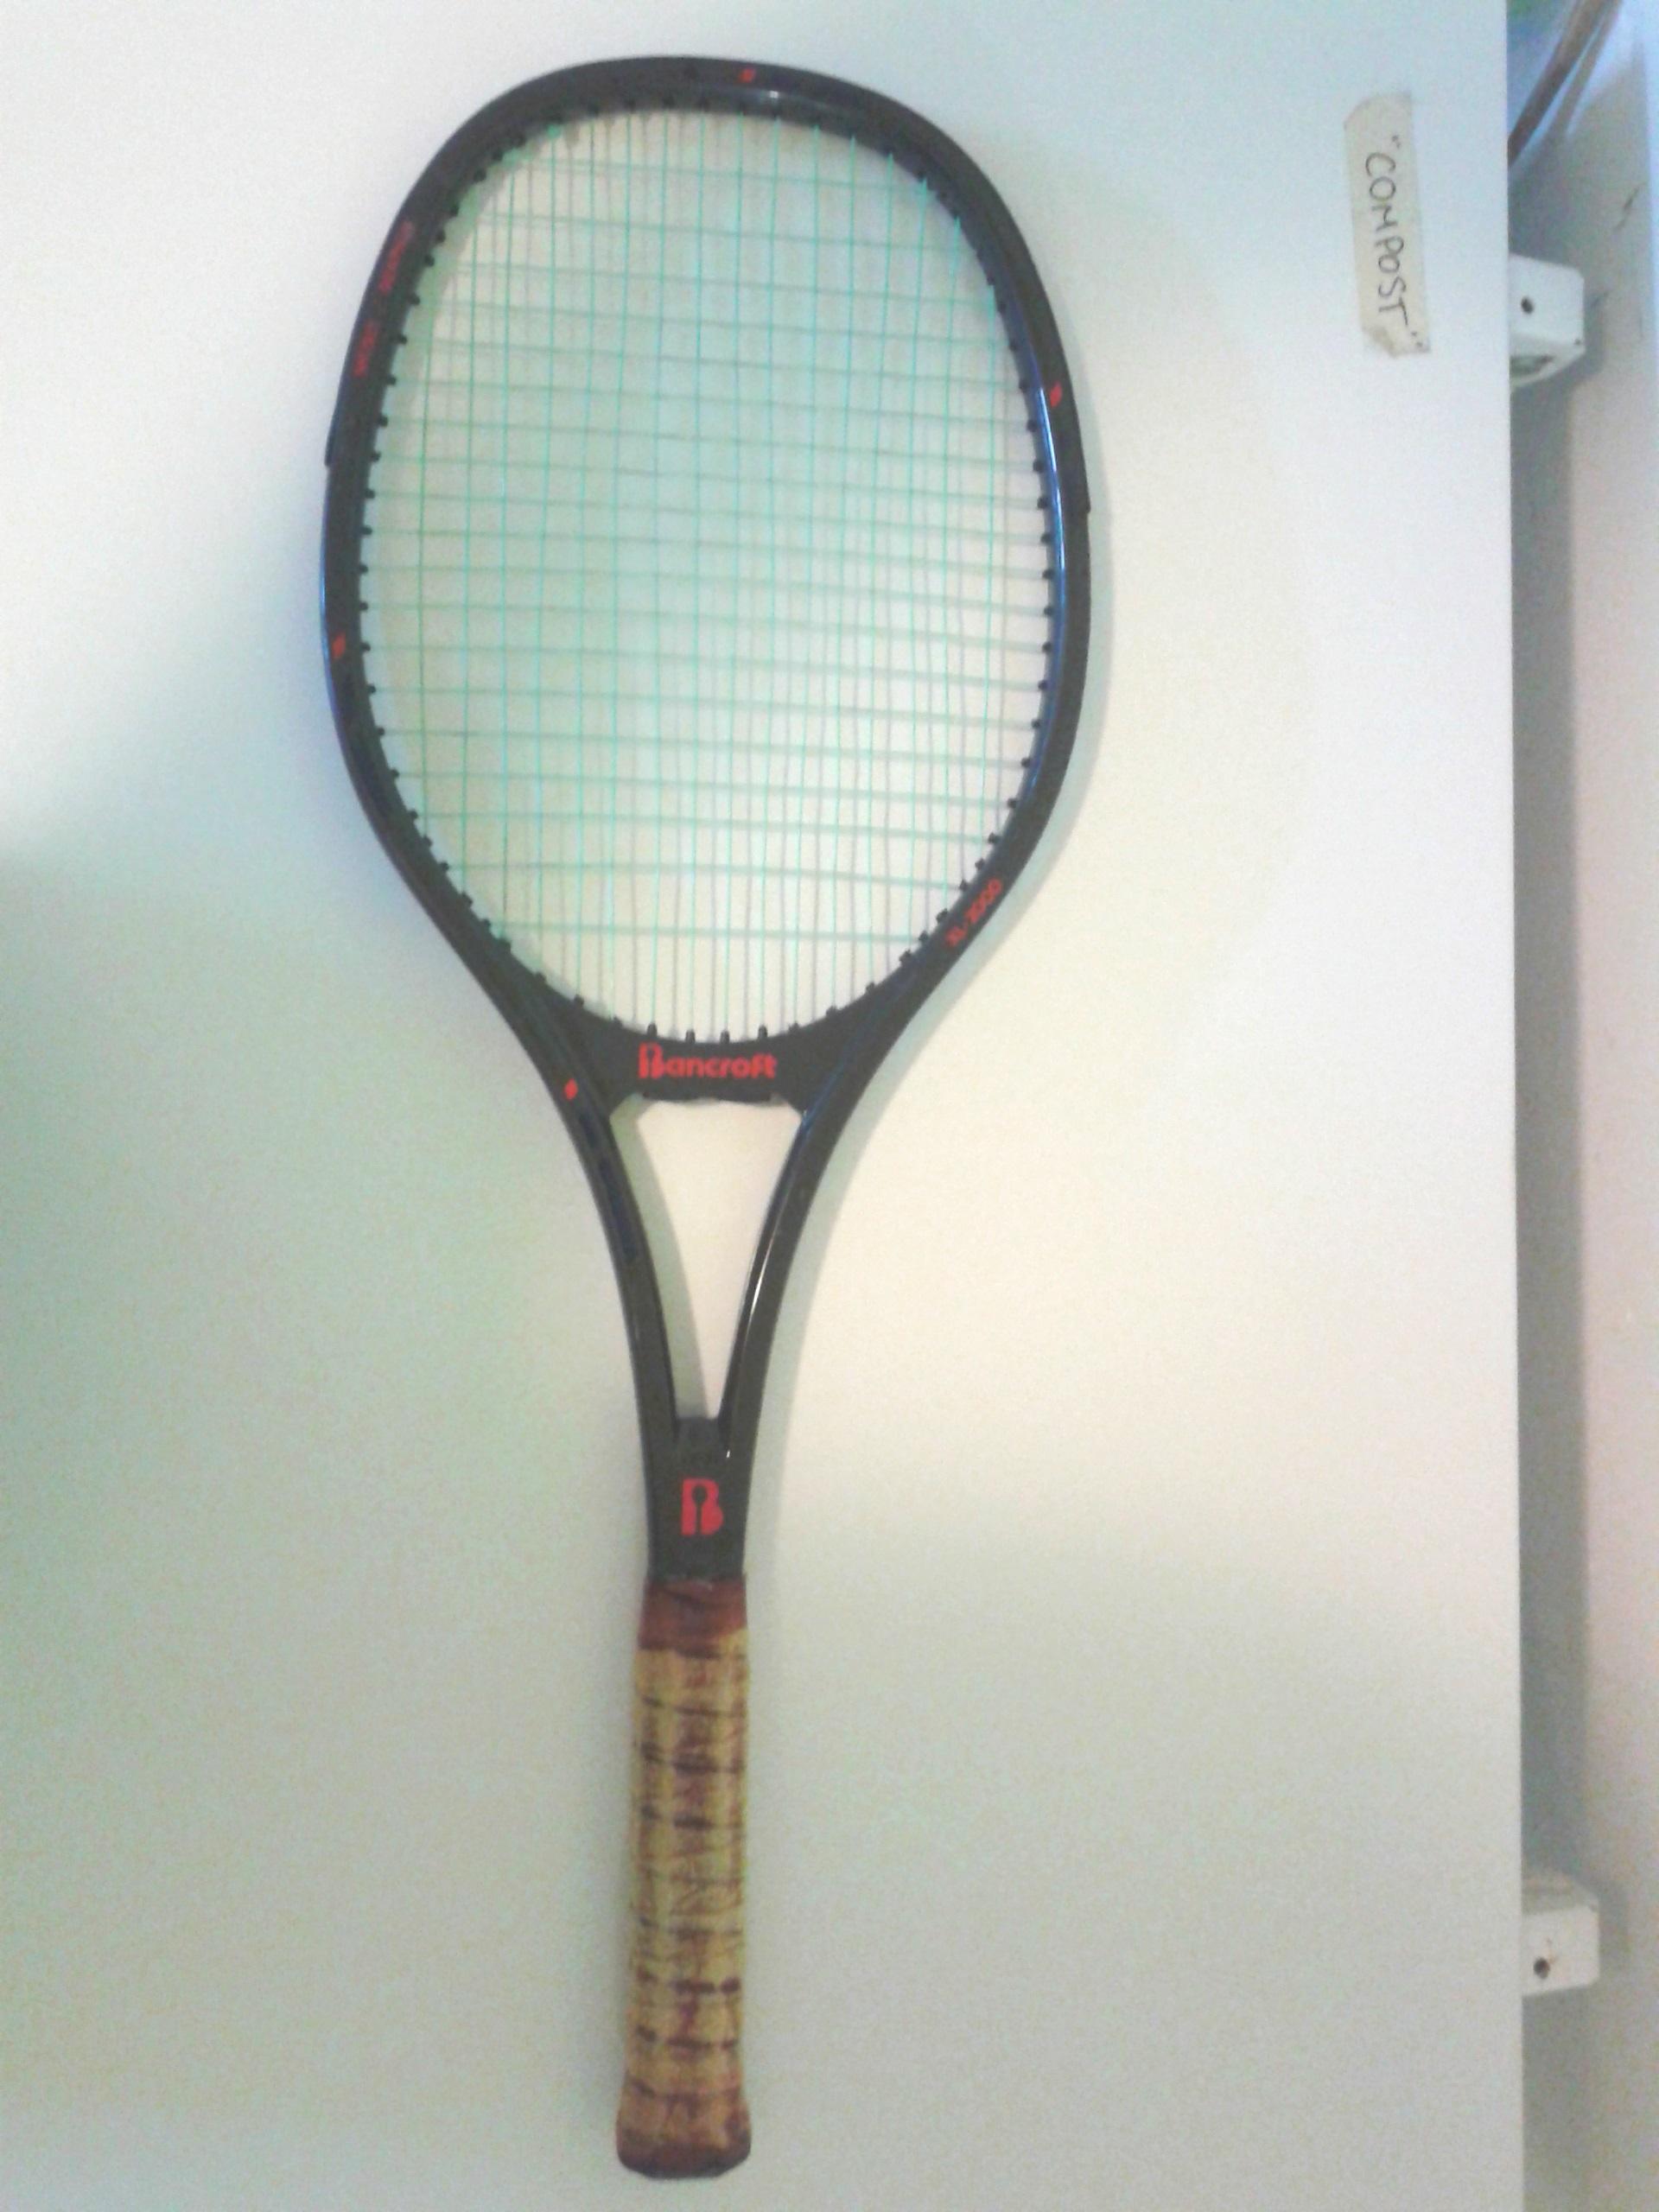 raquette-tennis-vintage-80s